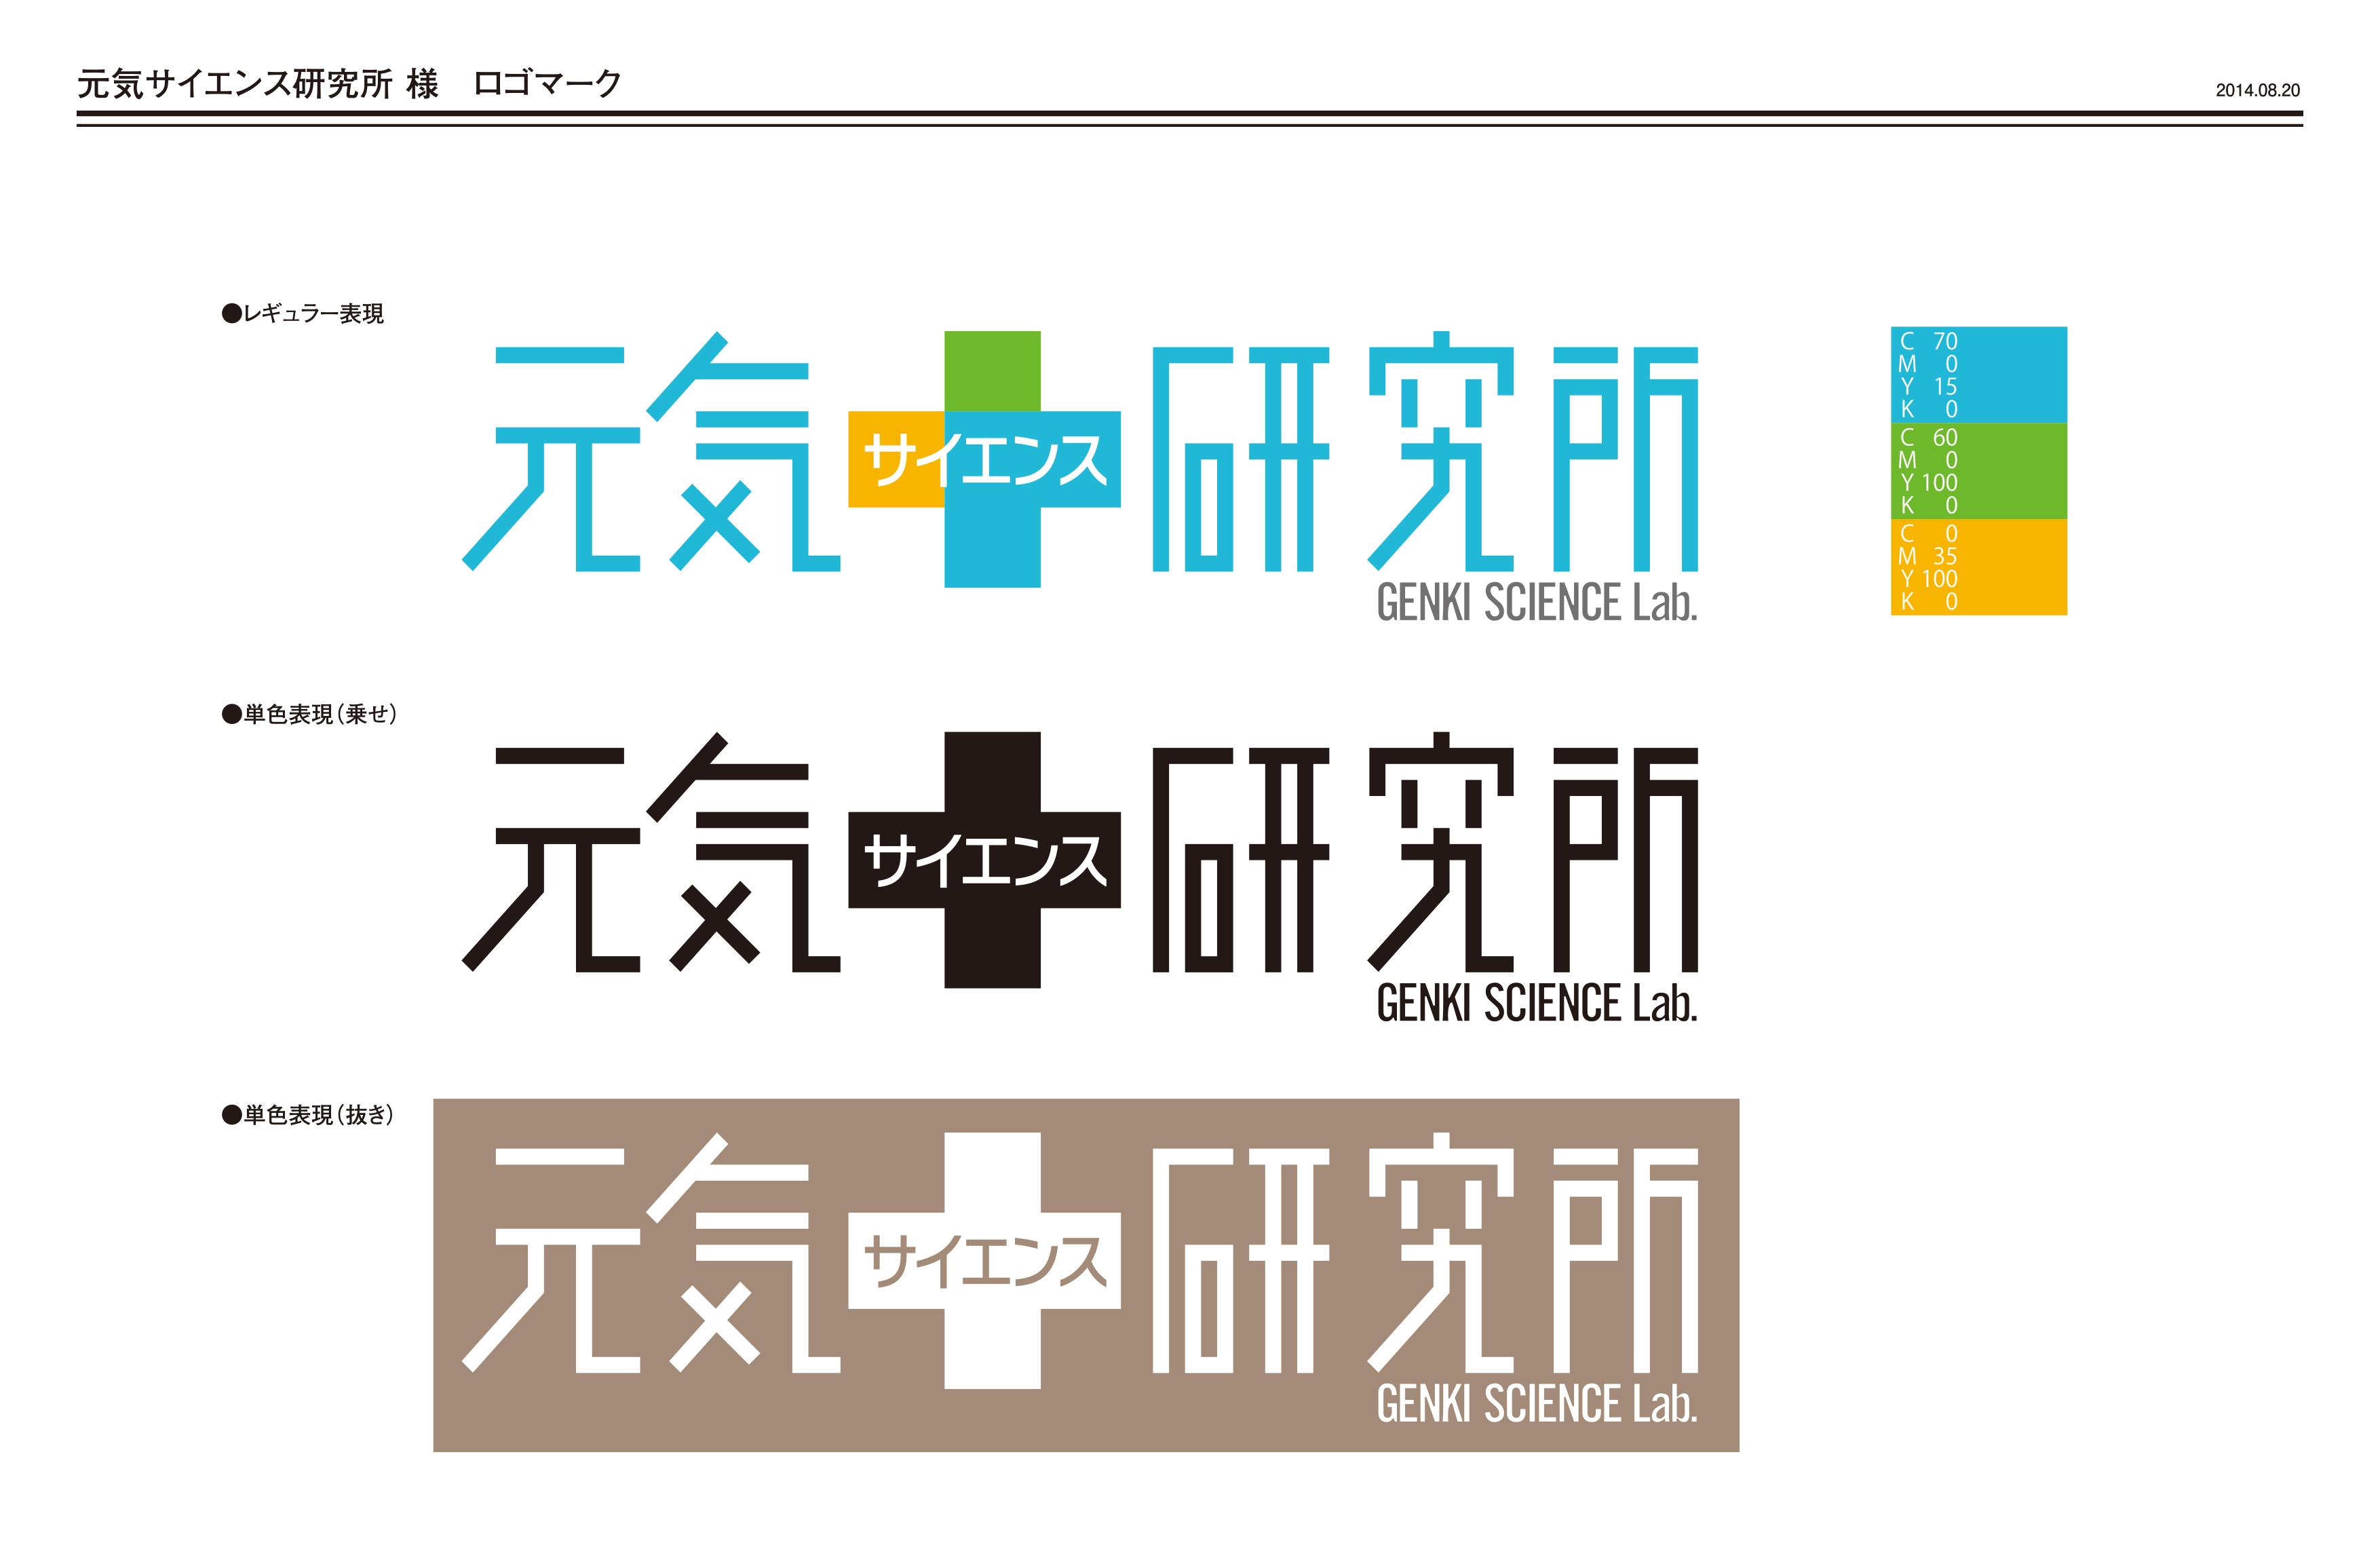 元気サイエンス研究所0820.jpg